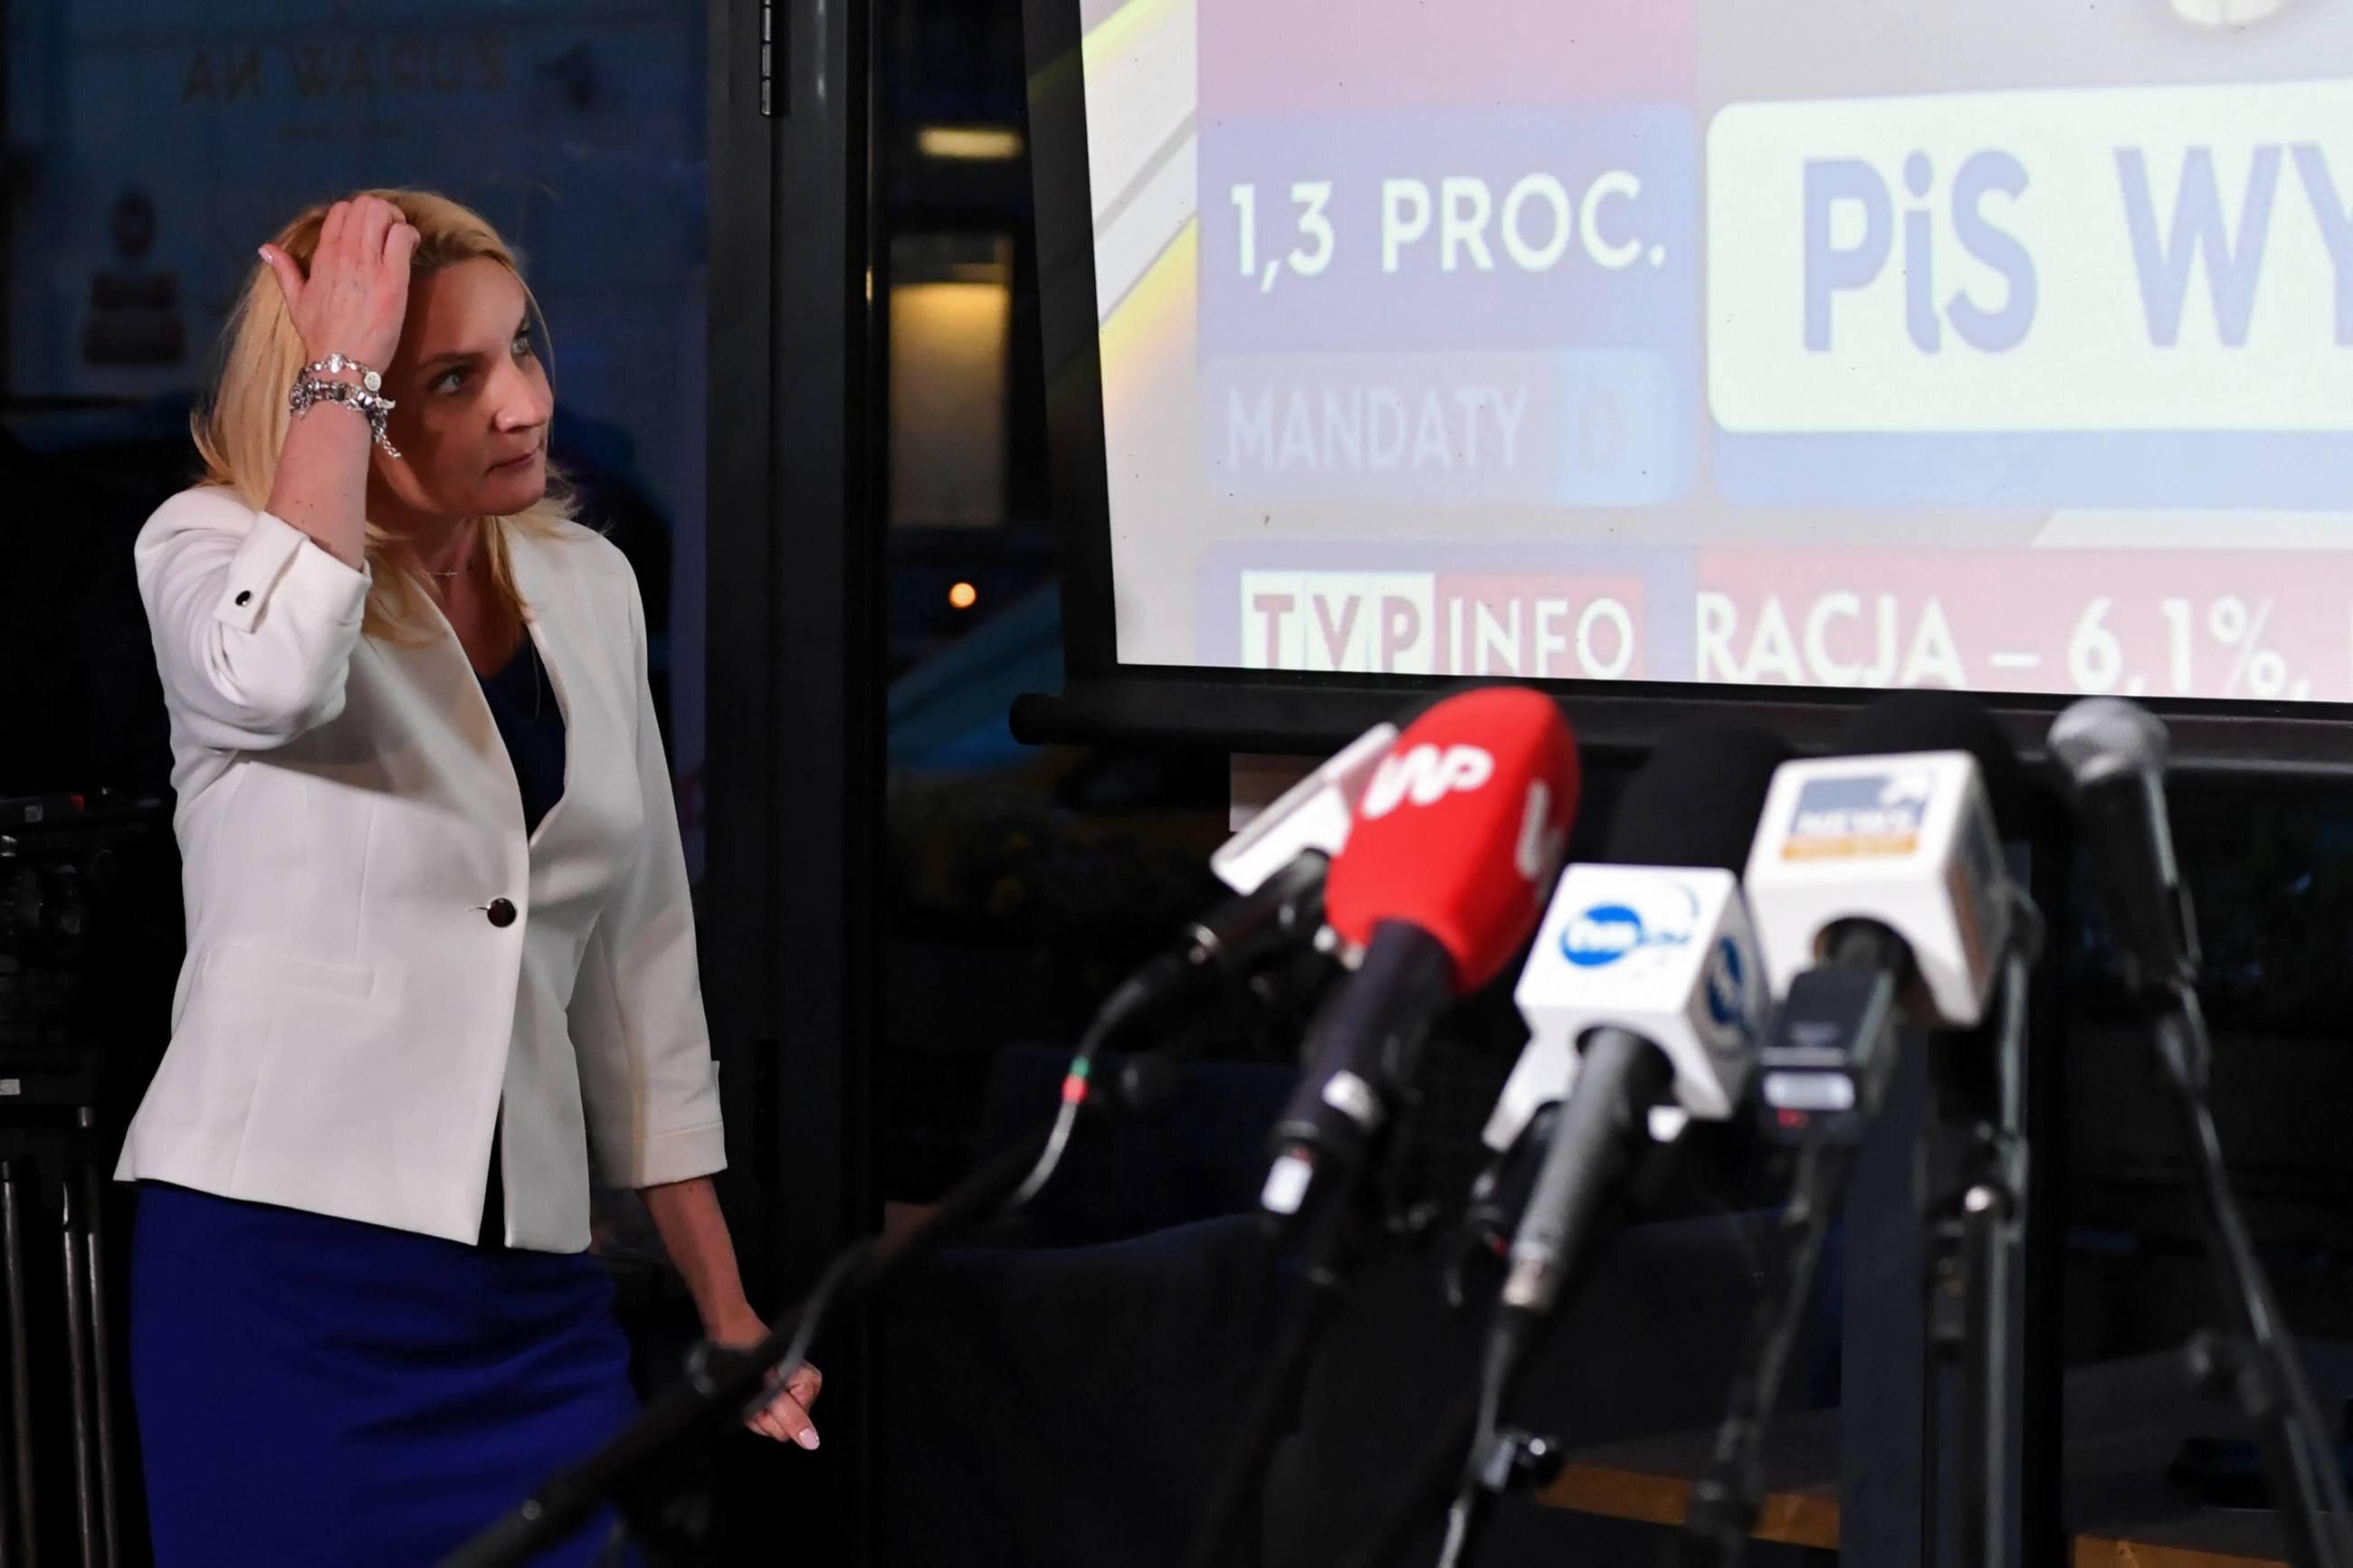 Posłanka Agnieszka Ścigaj w sztabie wyborczym Kukiz'15 w Warszawie